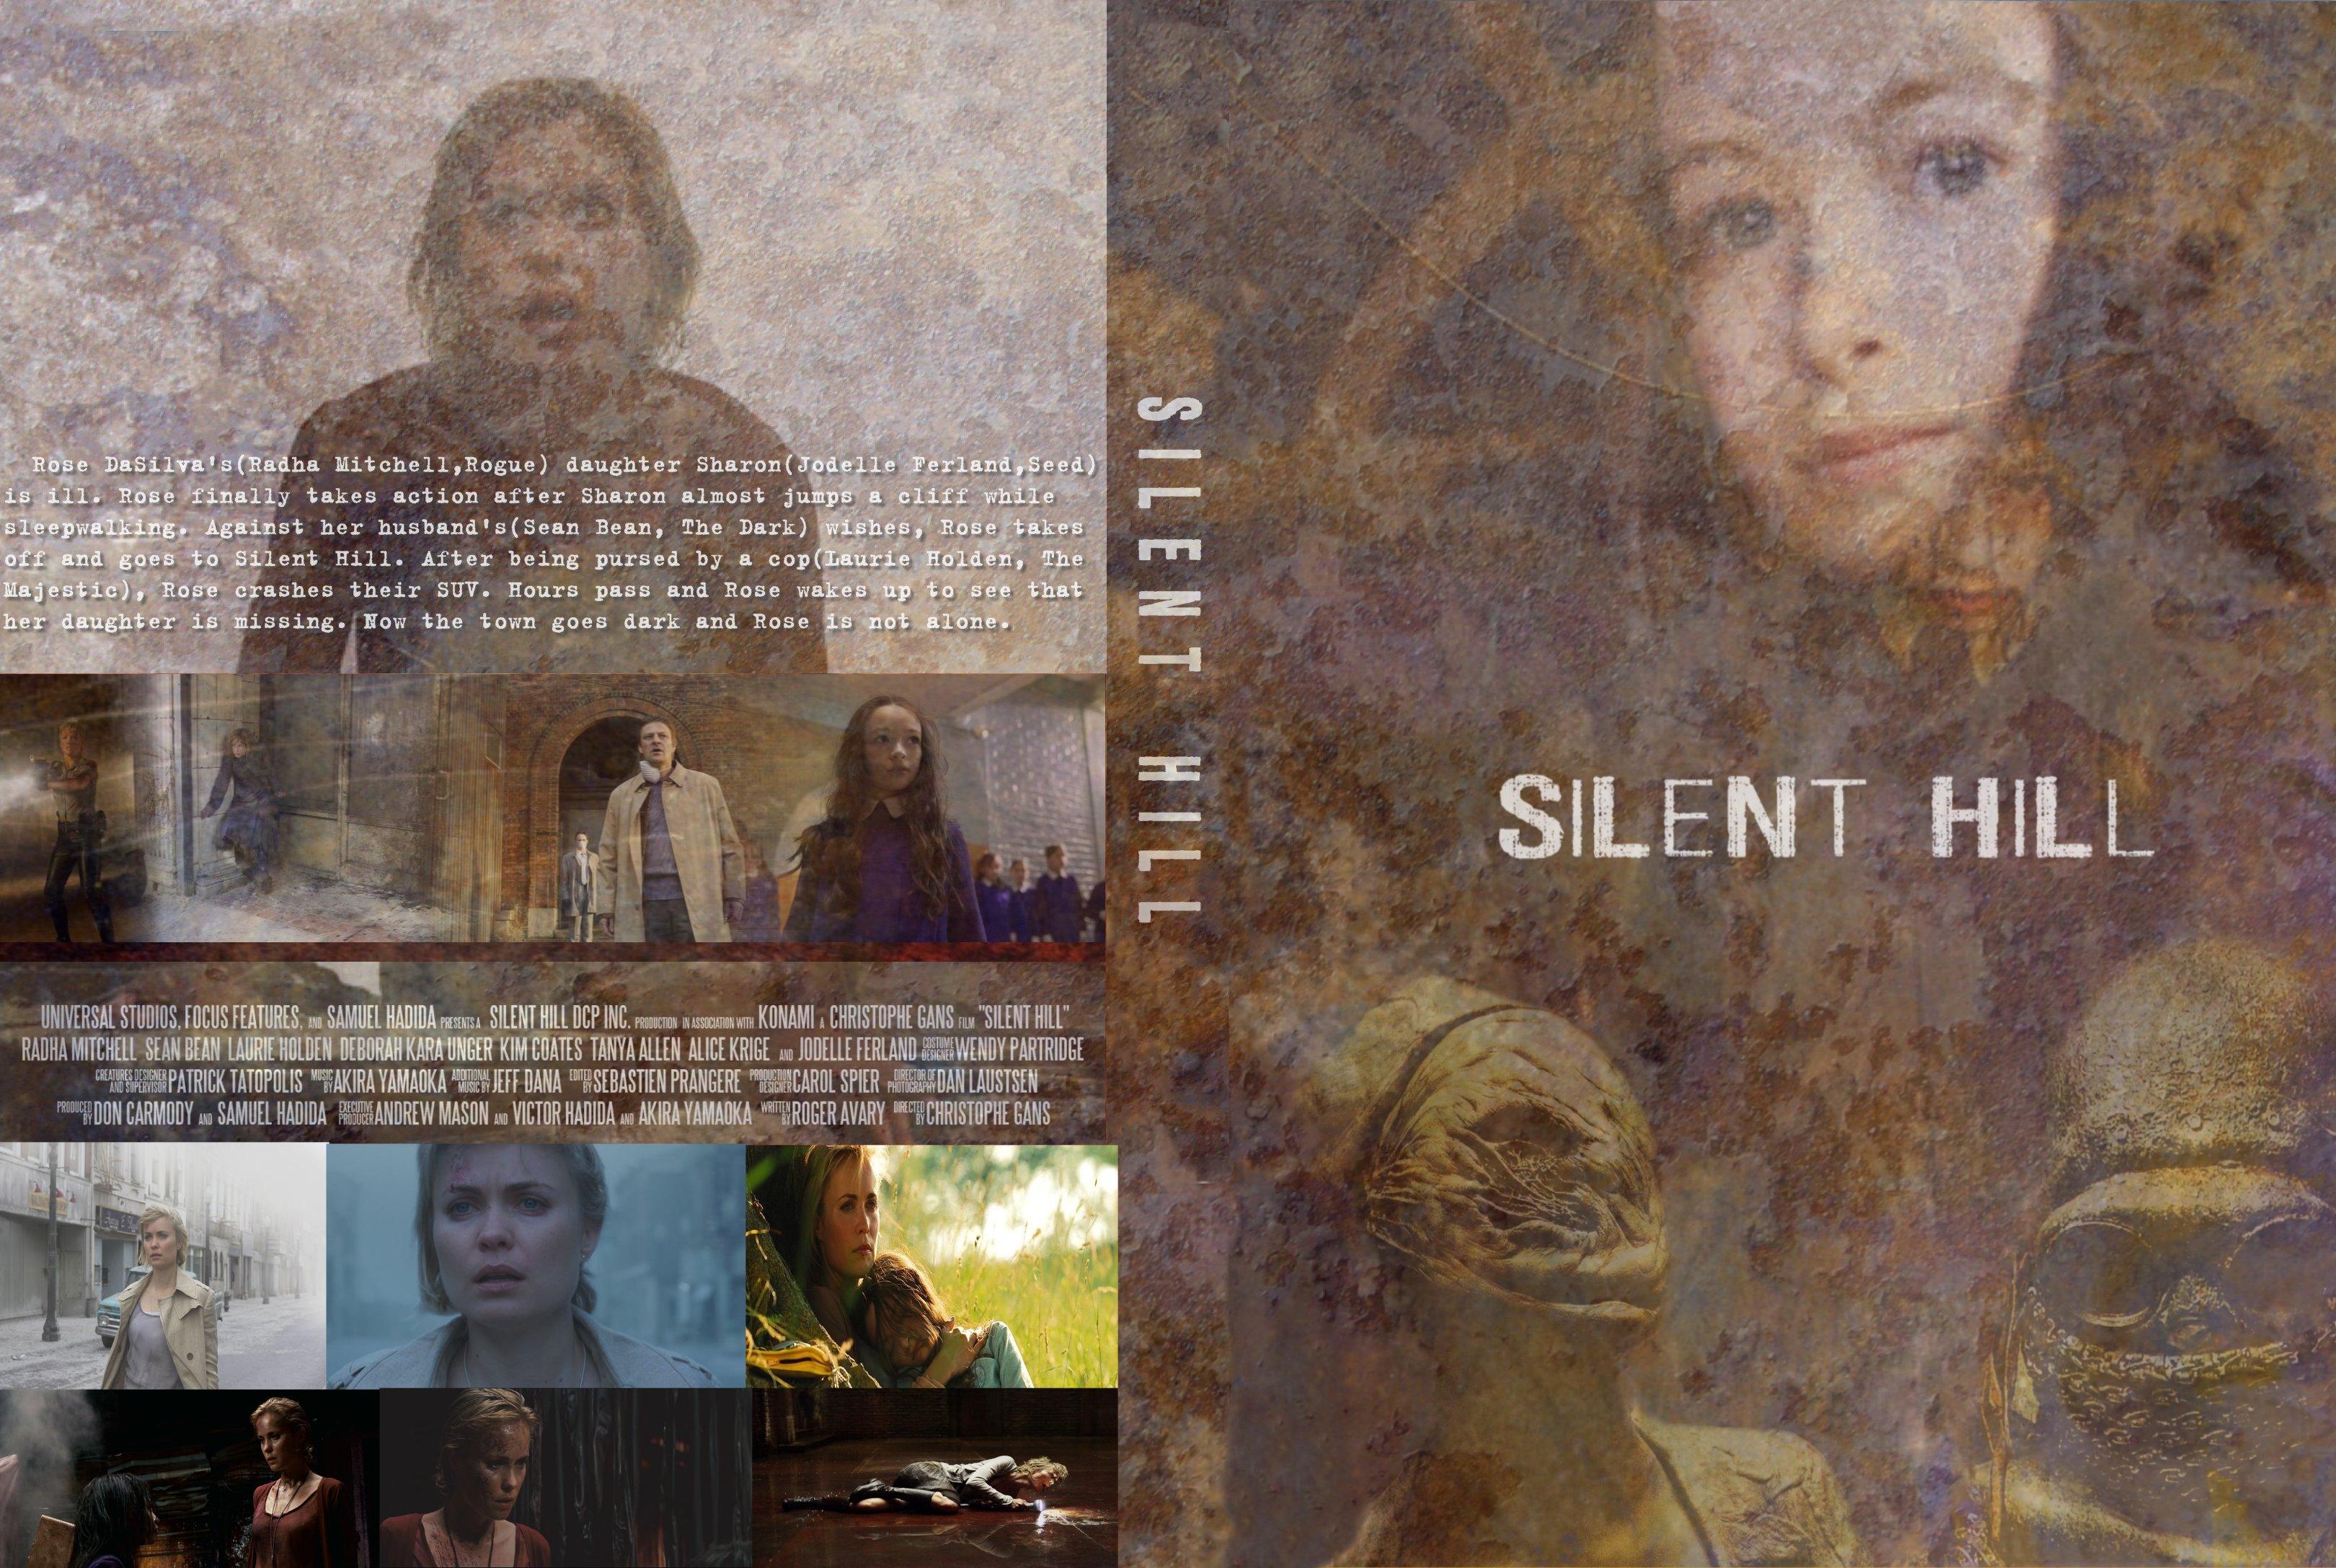 silent hill 2006 dvd